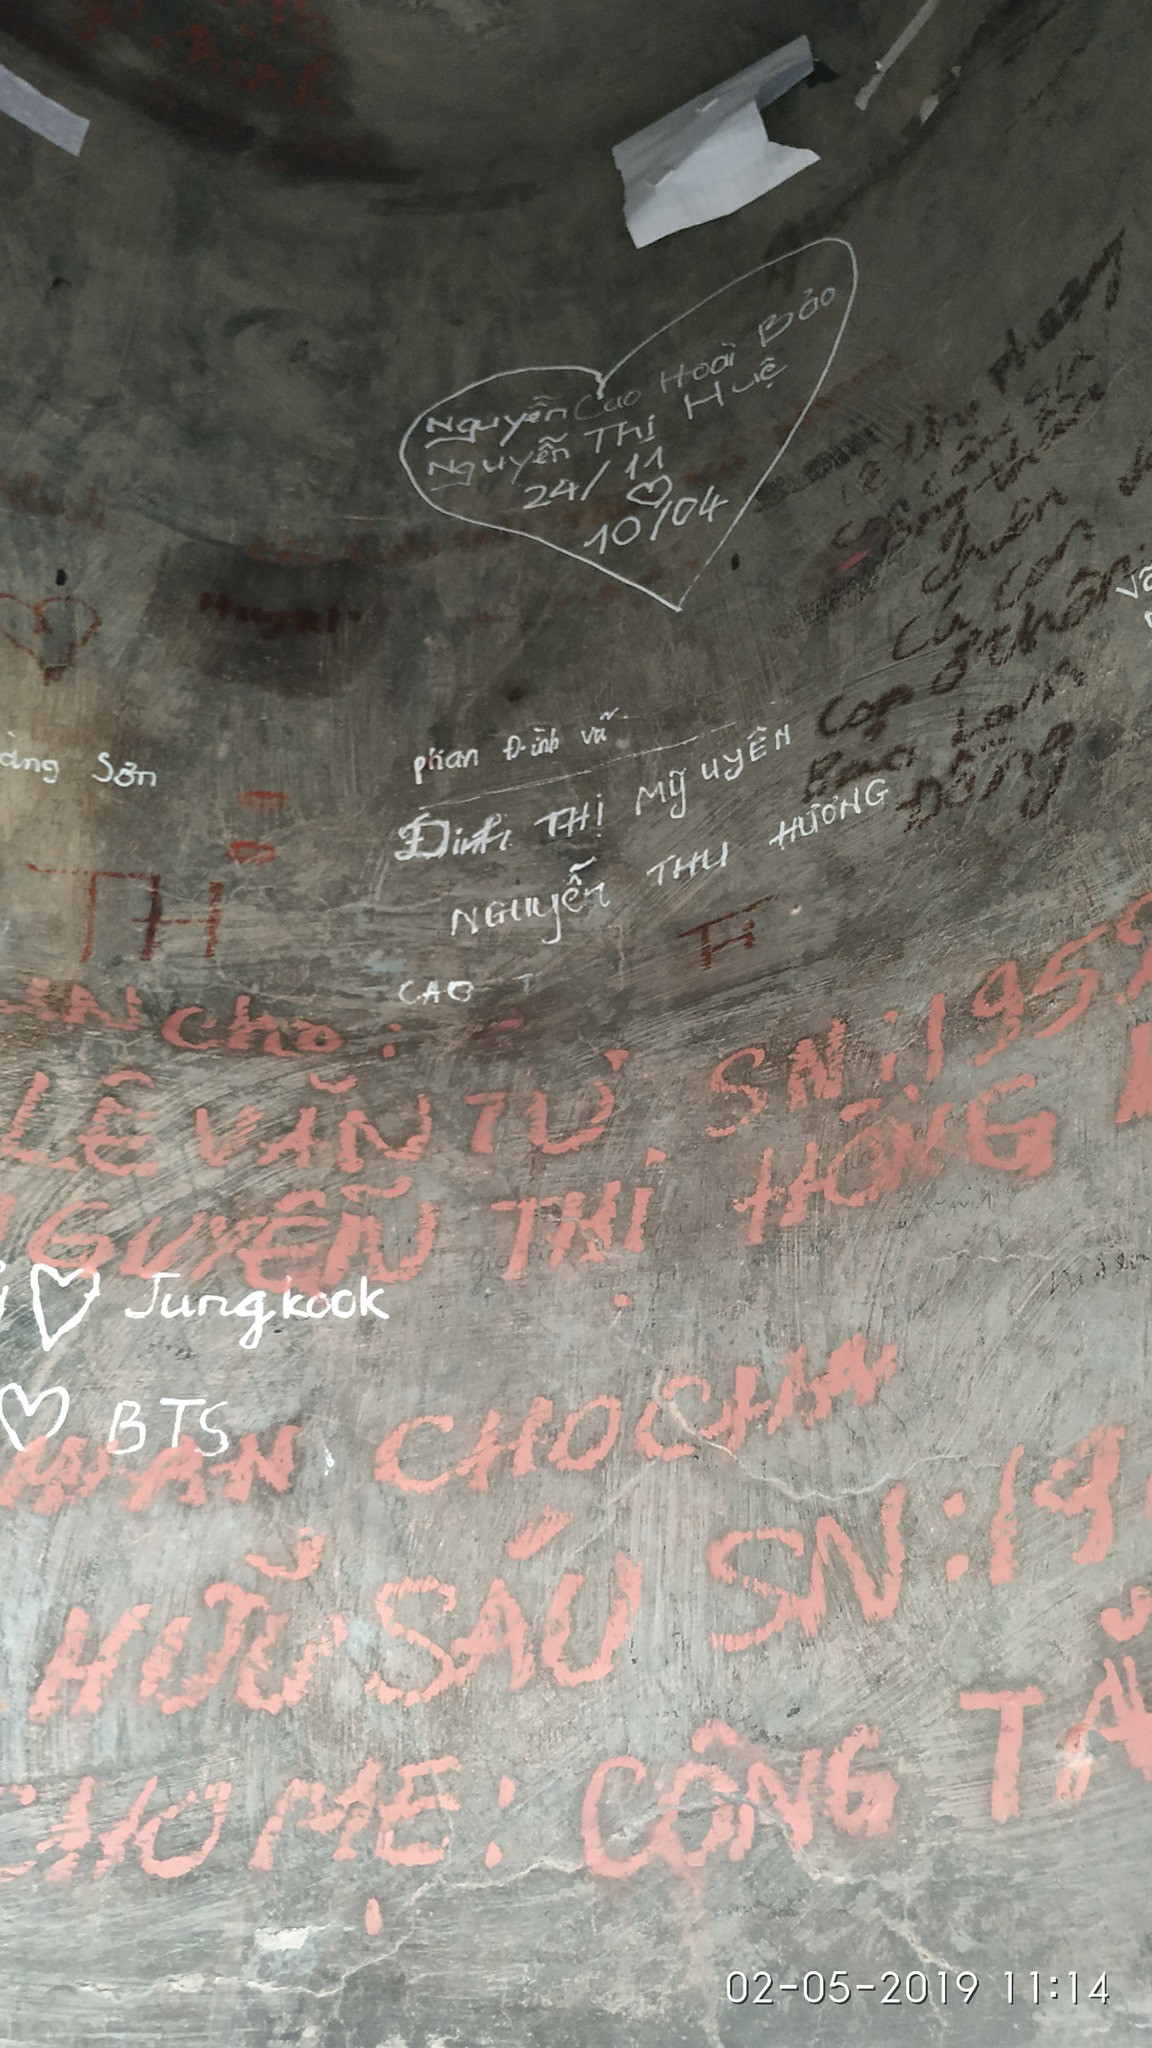 Không chỉ viết tên bố mẹ lên chuông đồng, nhiều bạn trẻ còn vẽ bậy để bày tỏ tình yêu ở chùa Linh Quy Pháp Ấn gây phẫn nộ